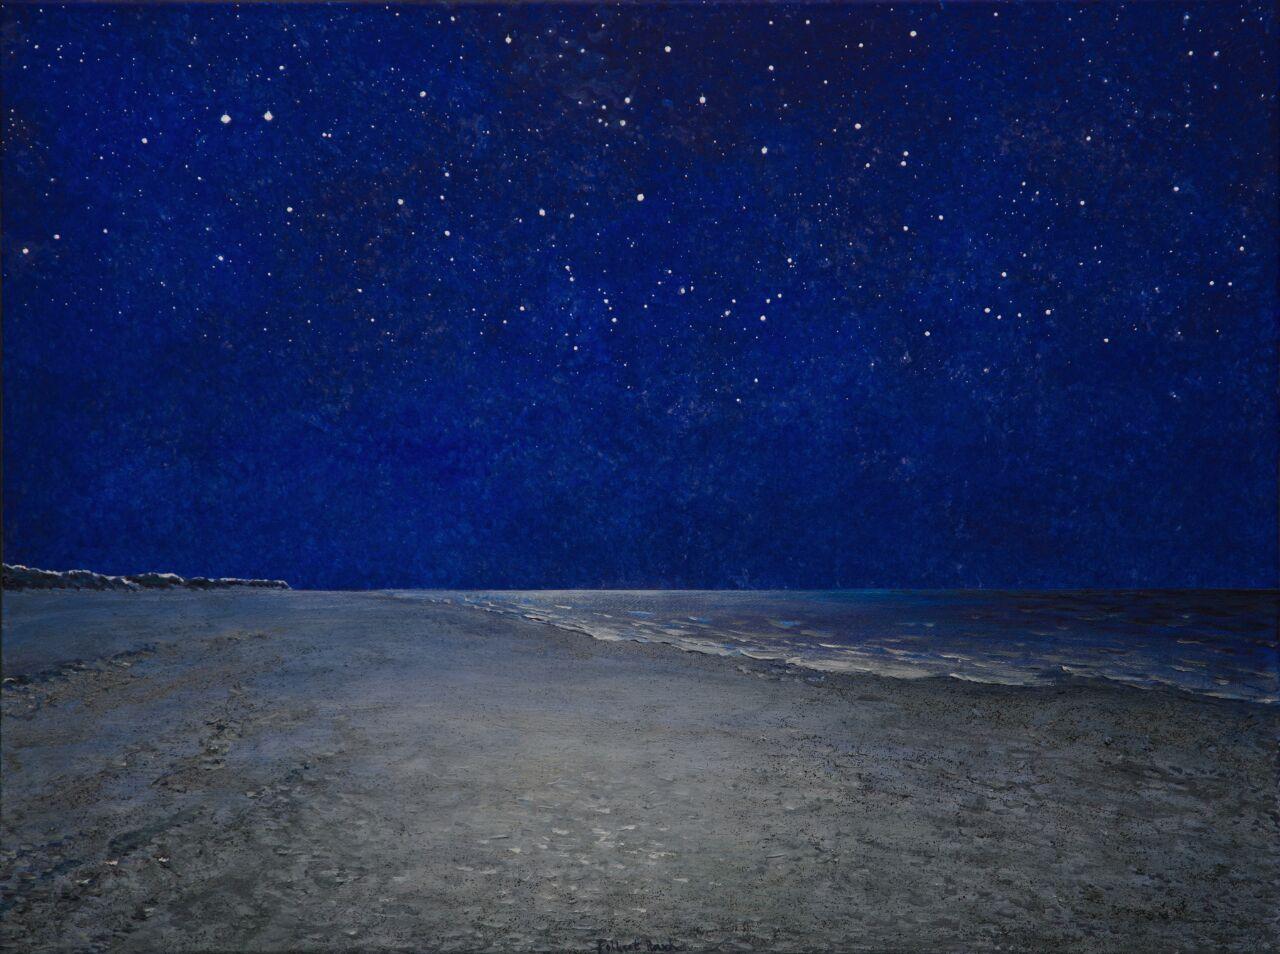 Bilder vom Meer_Strand XLII